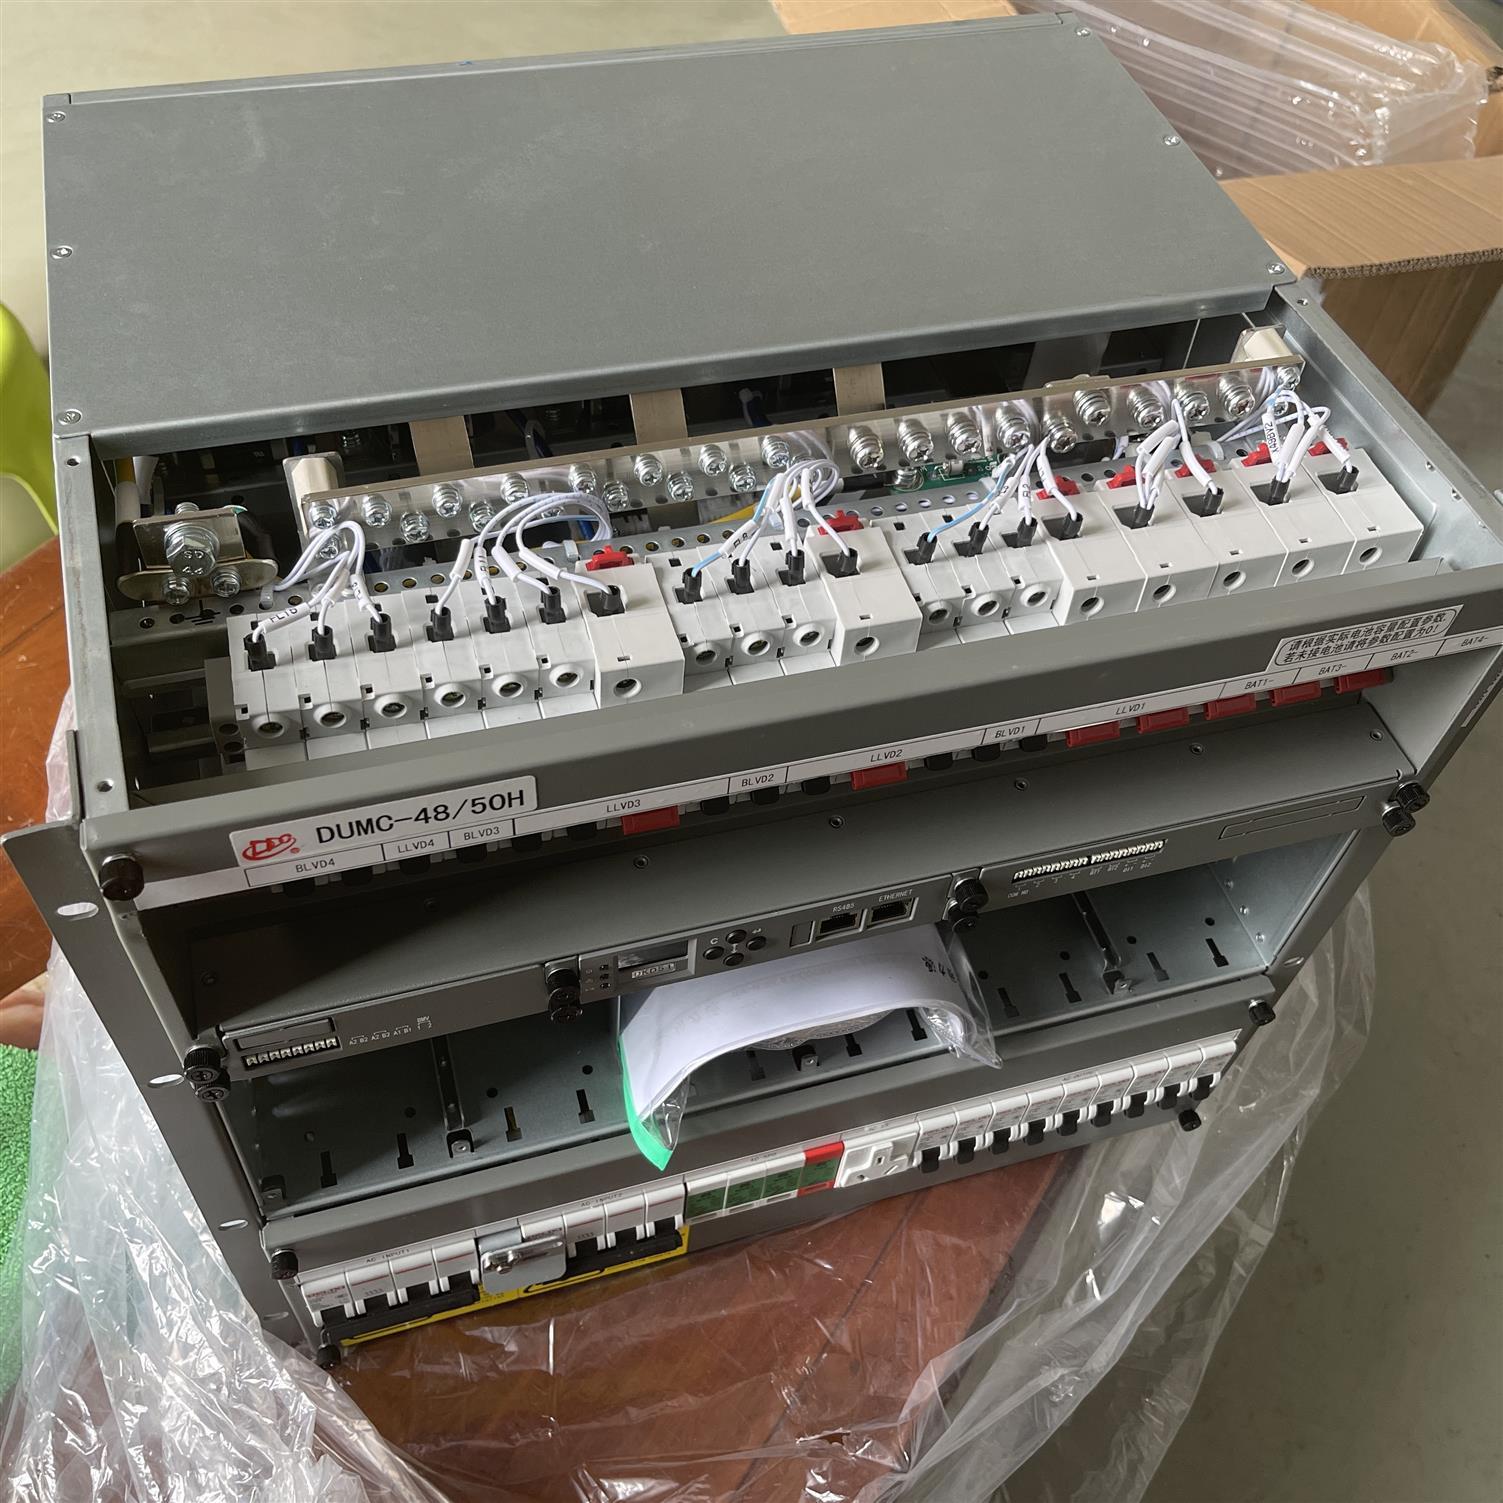 室內電源 動力源DUM-48/50H機柜電源